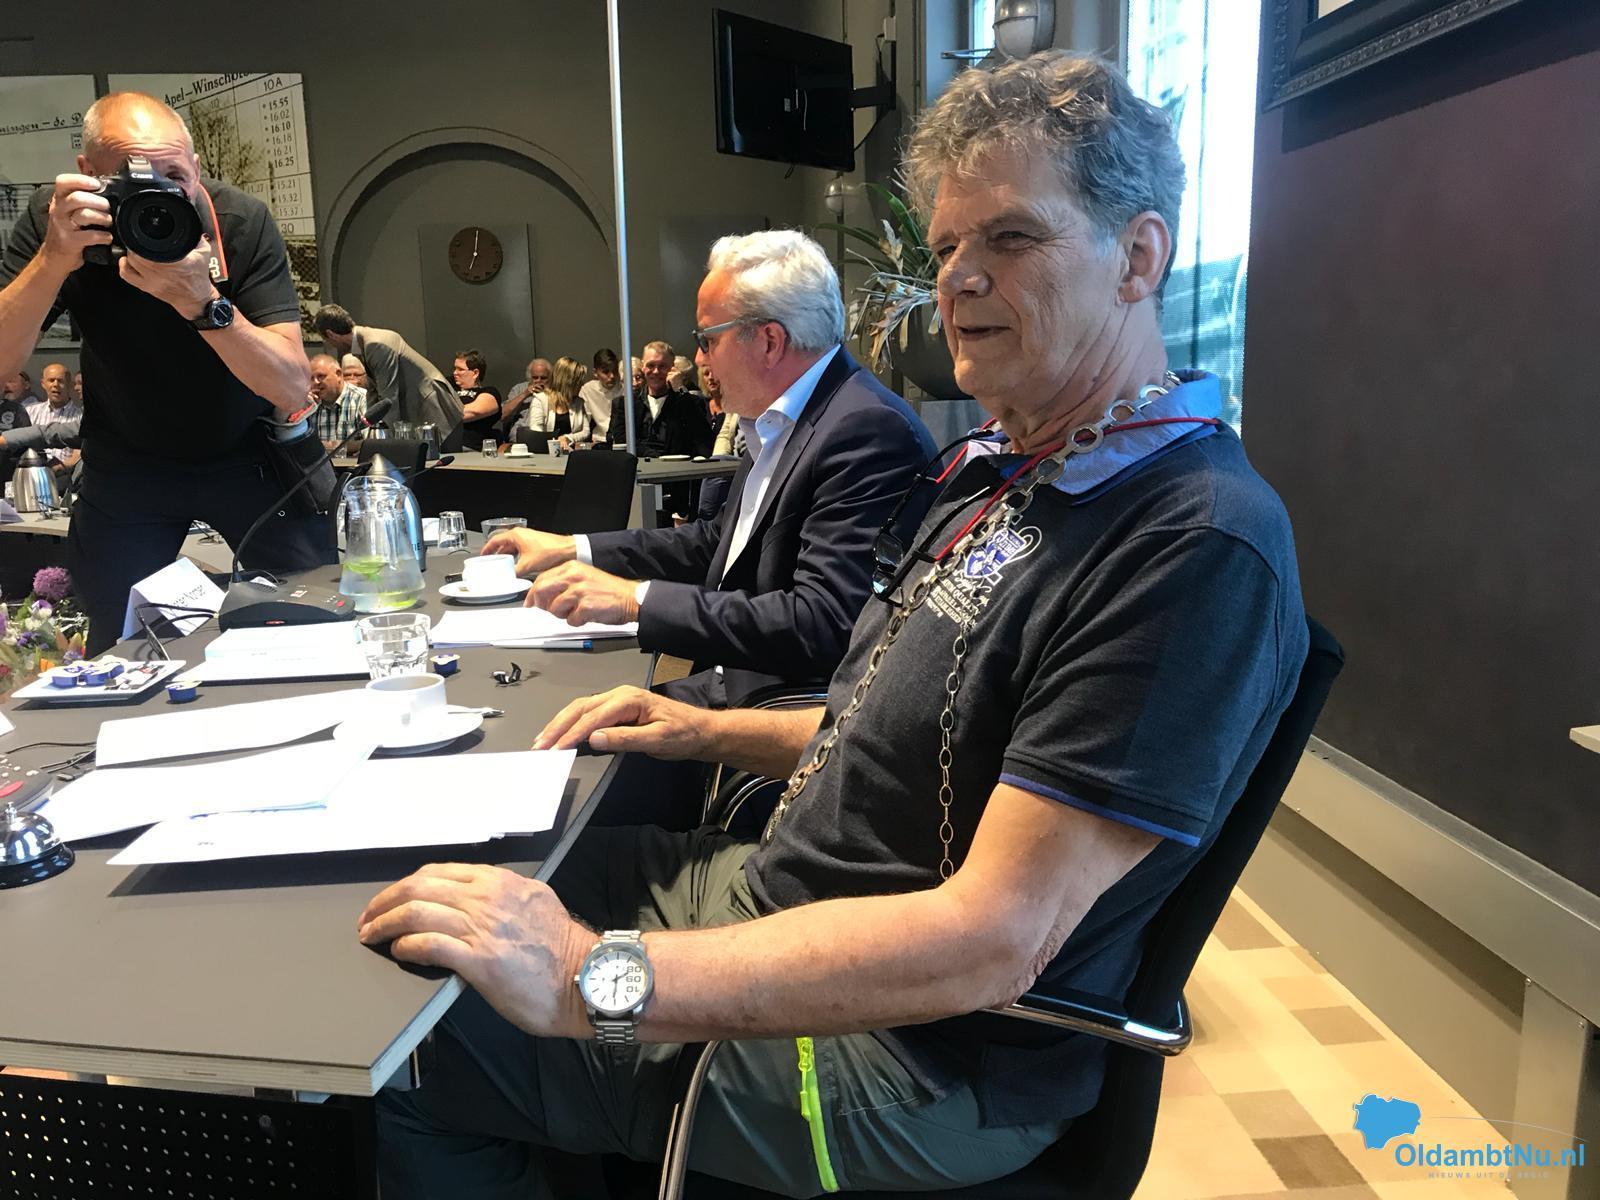 De raad herdenkt burgemeester Pieter Smit met luid applaus